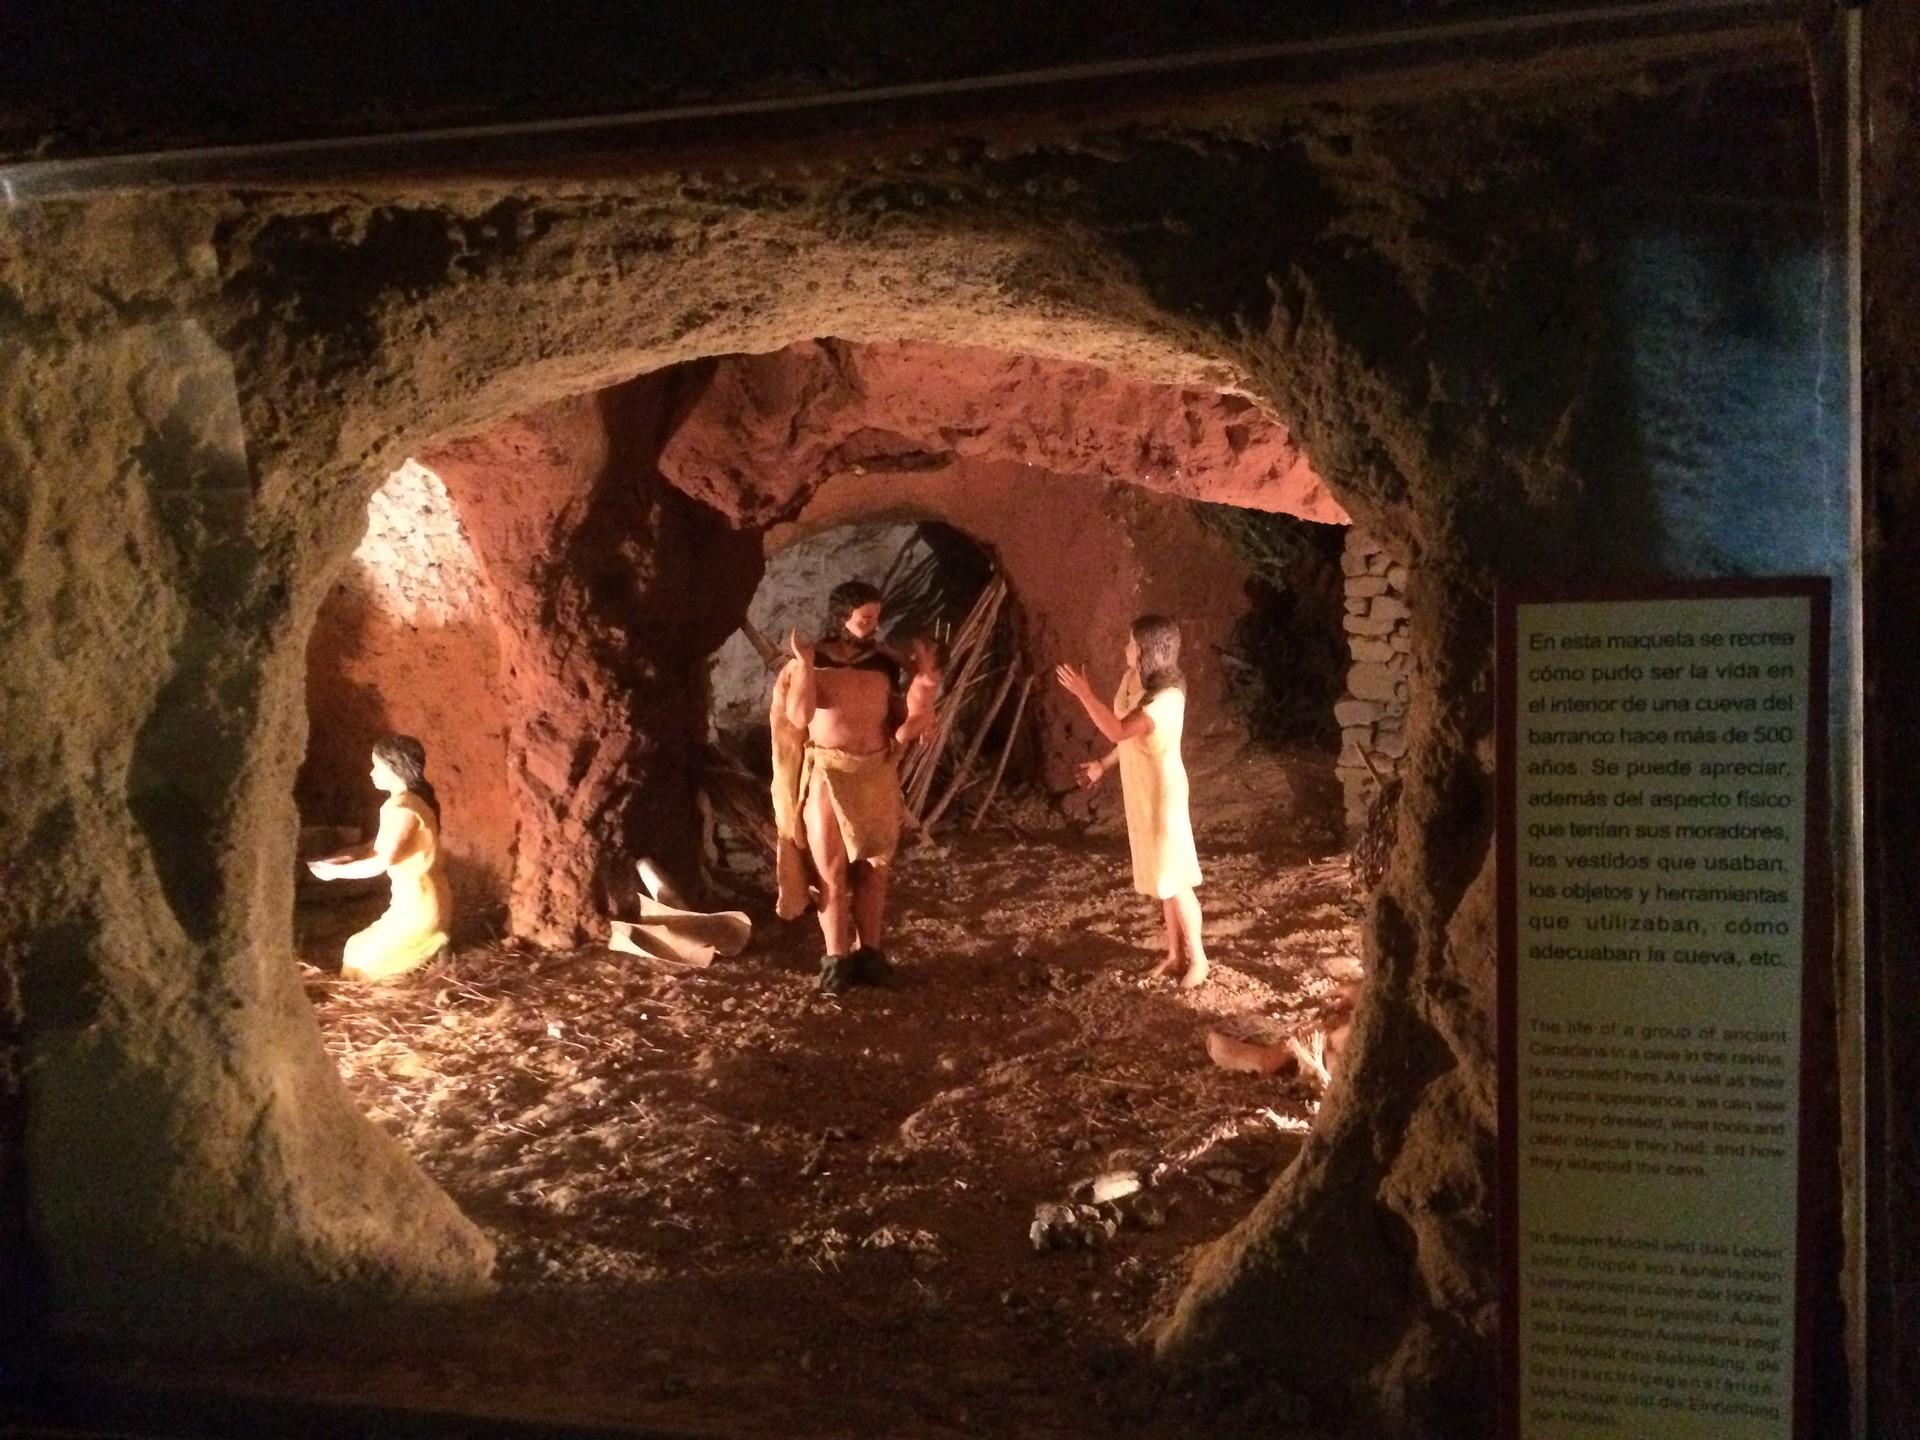 museo-guayadeque-d743ffb7eda70366d62d47f